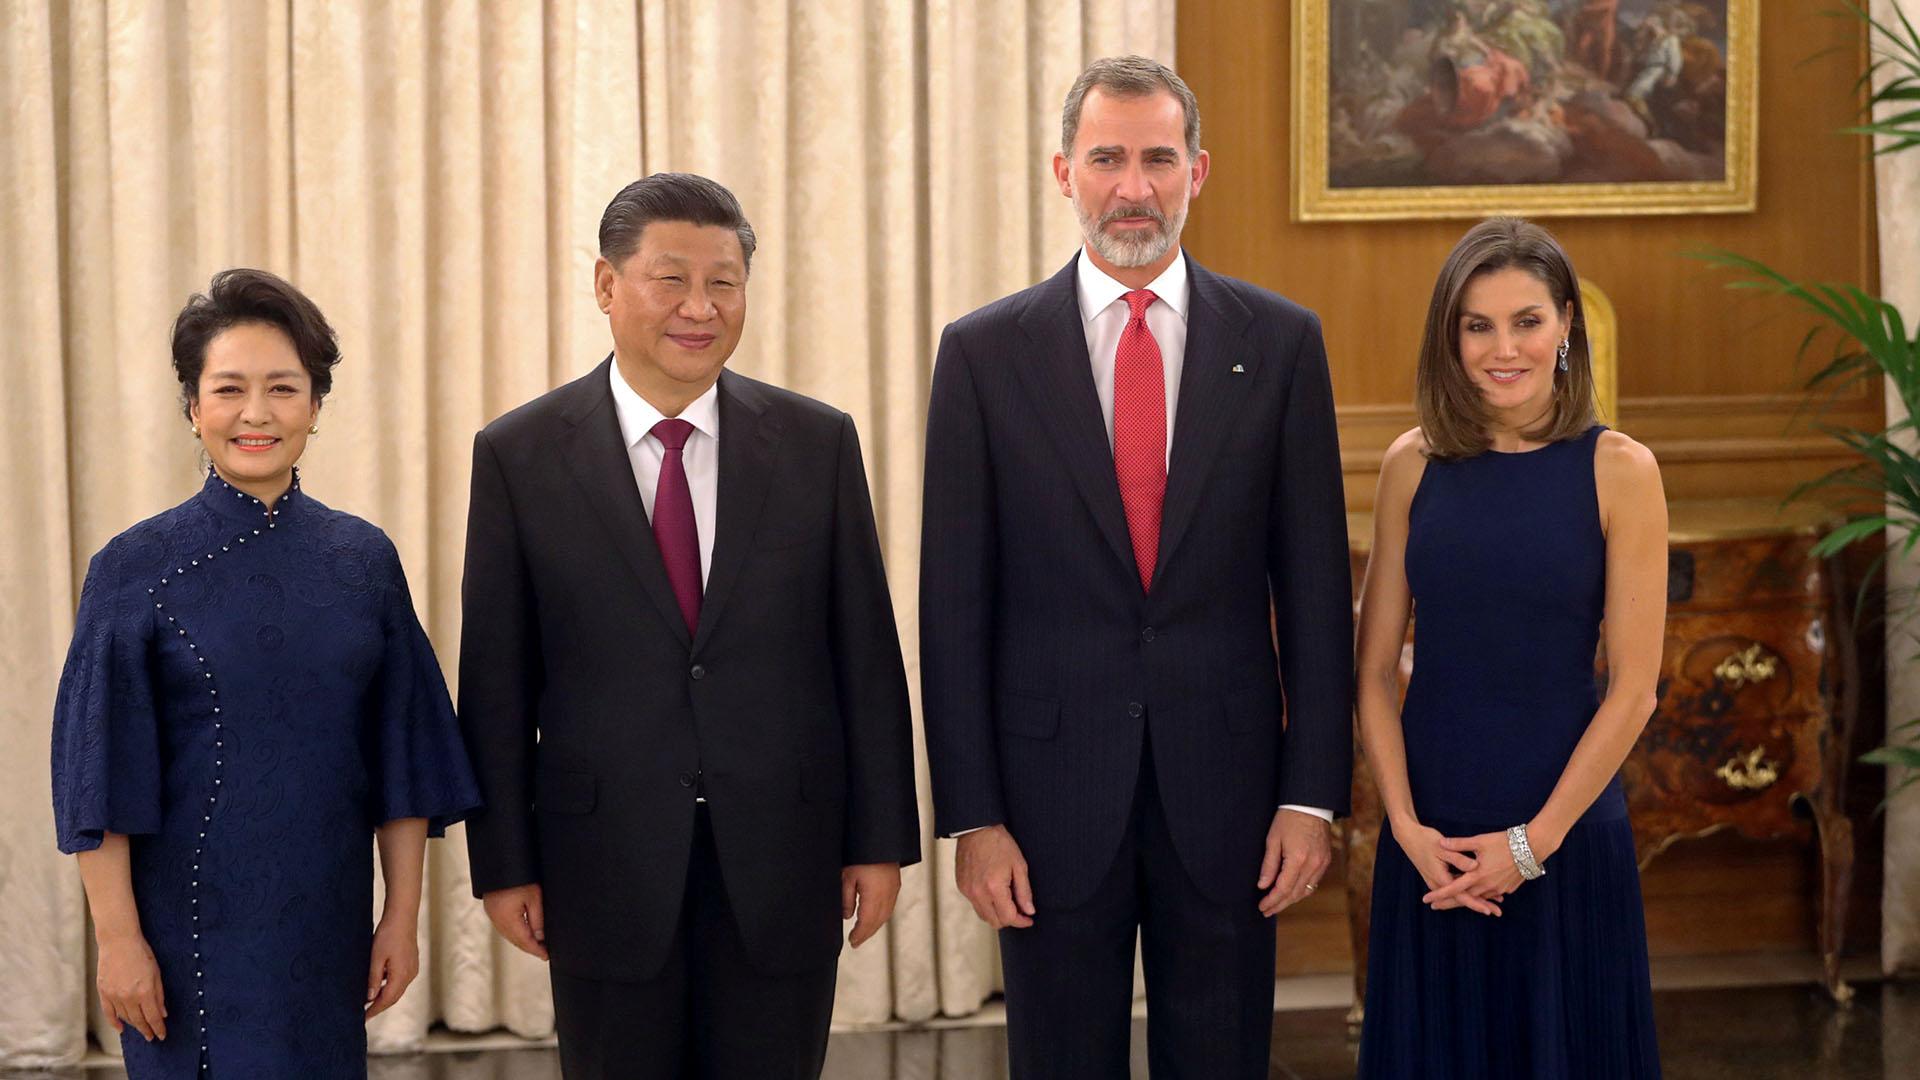 Los reyes Felipe y Letizia de España recibieron al presidente de China, Xi Jiping, y su mujer Peng Liyuan